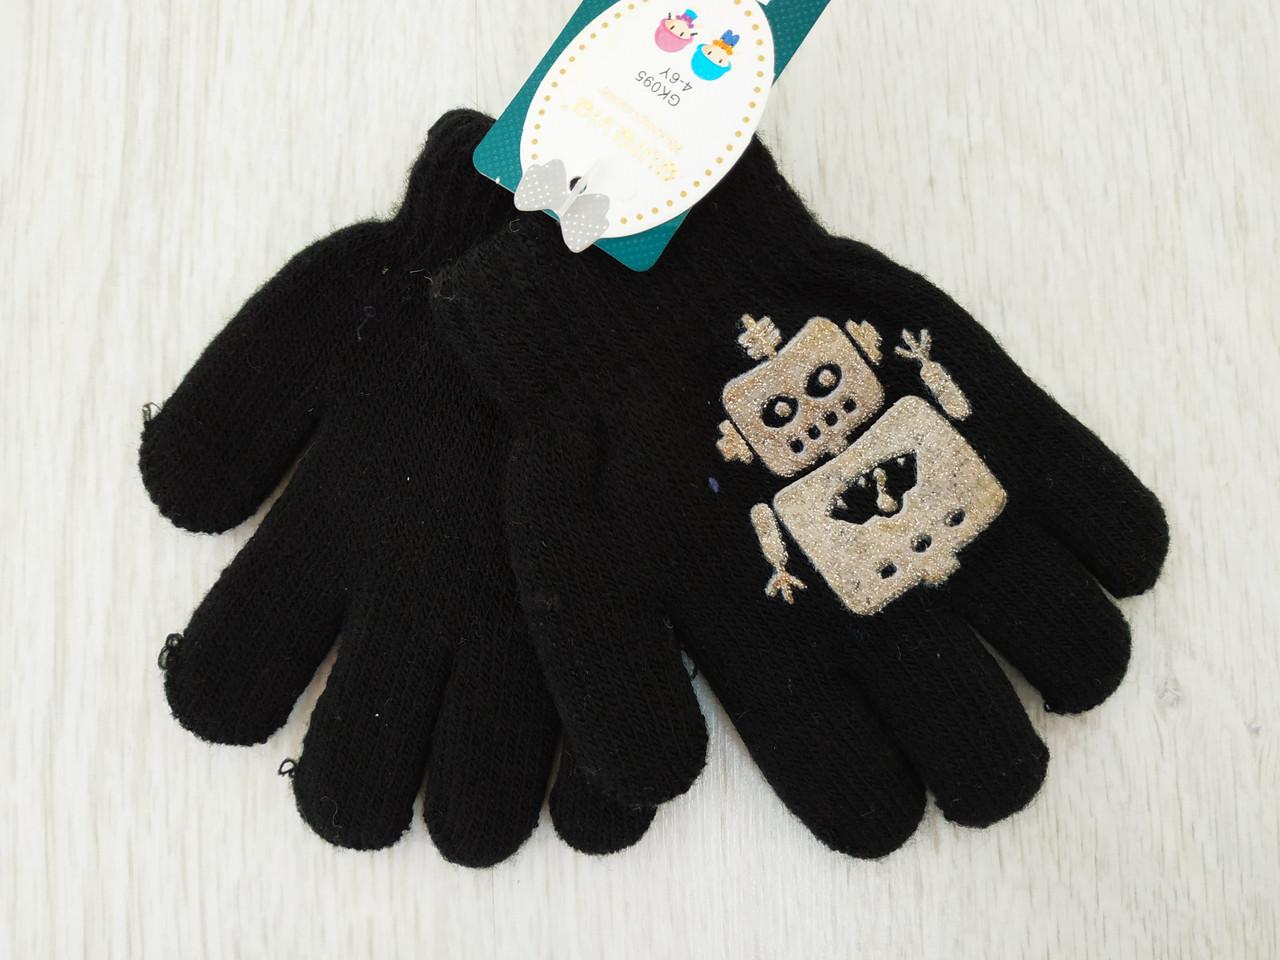 Детские перчатки, Avra.via, Венгрия, рр. 3-4, 4-5, 5-6 лет, арт. 095,